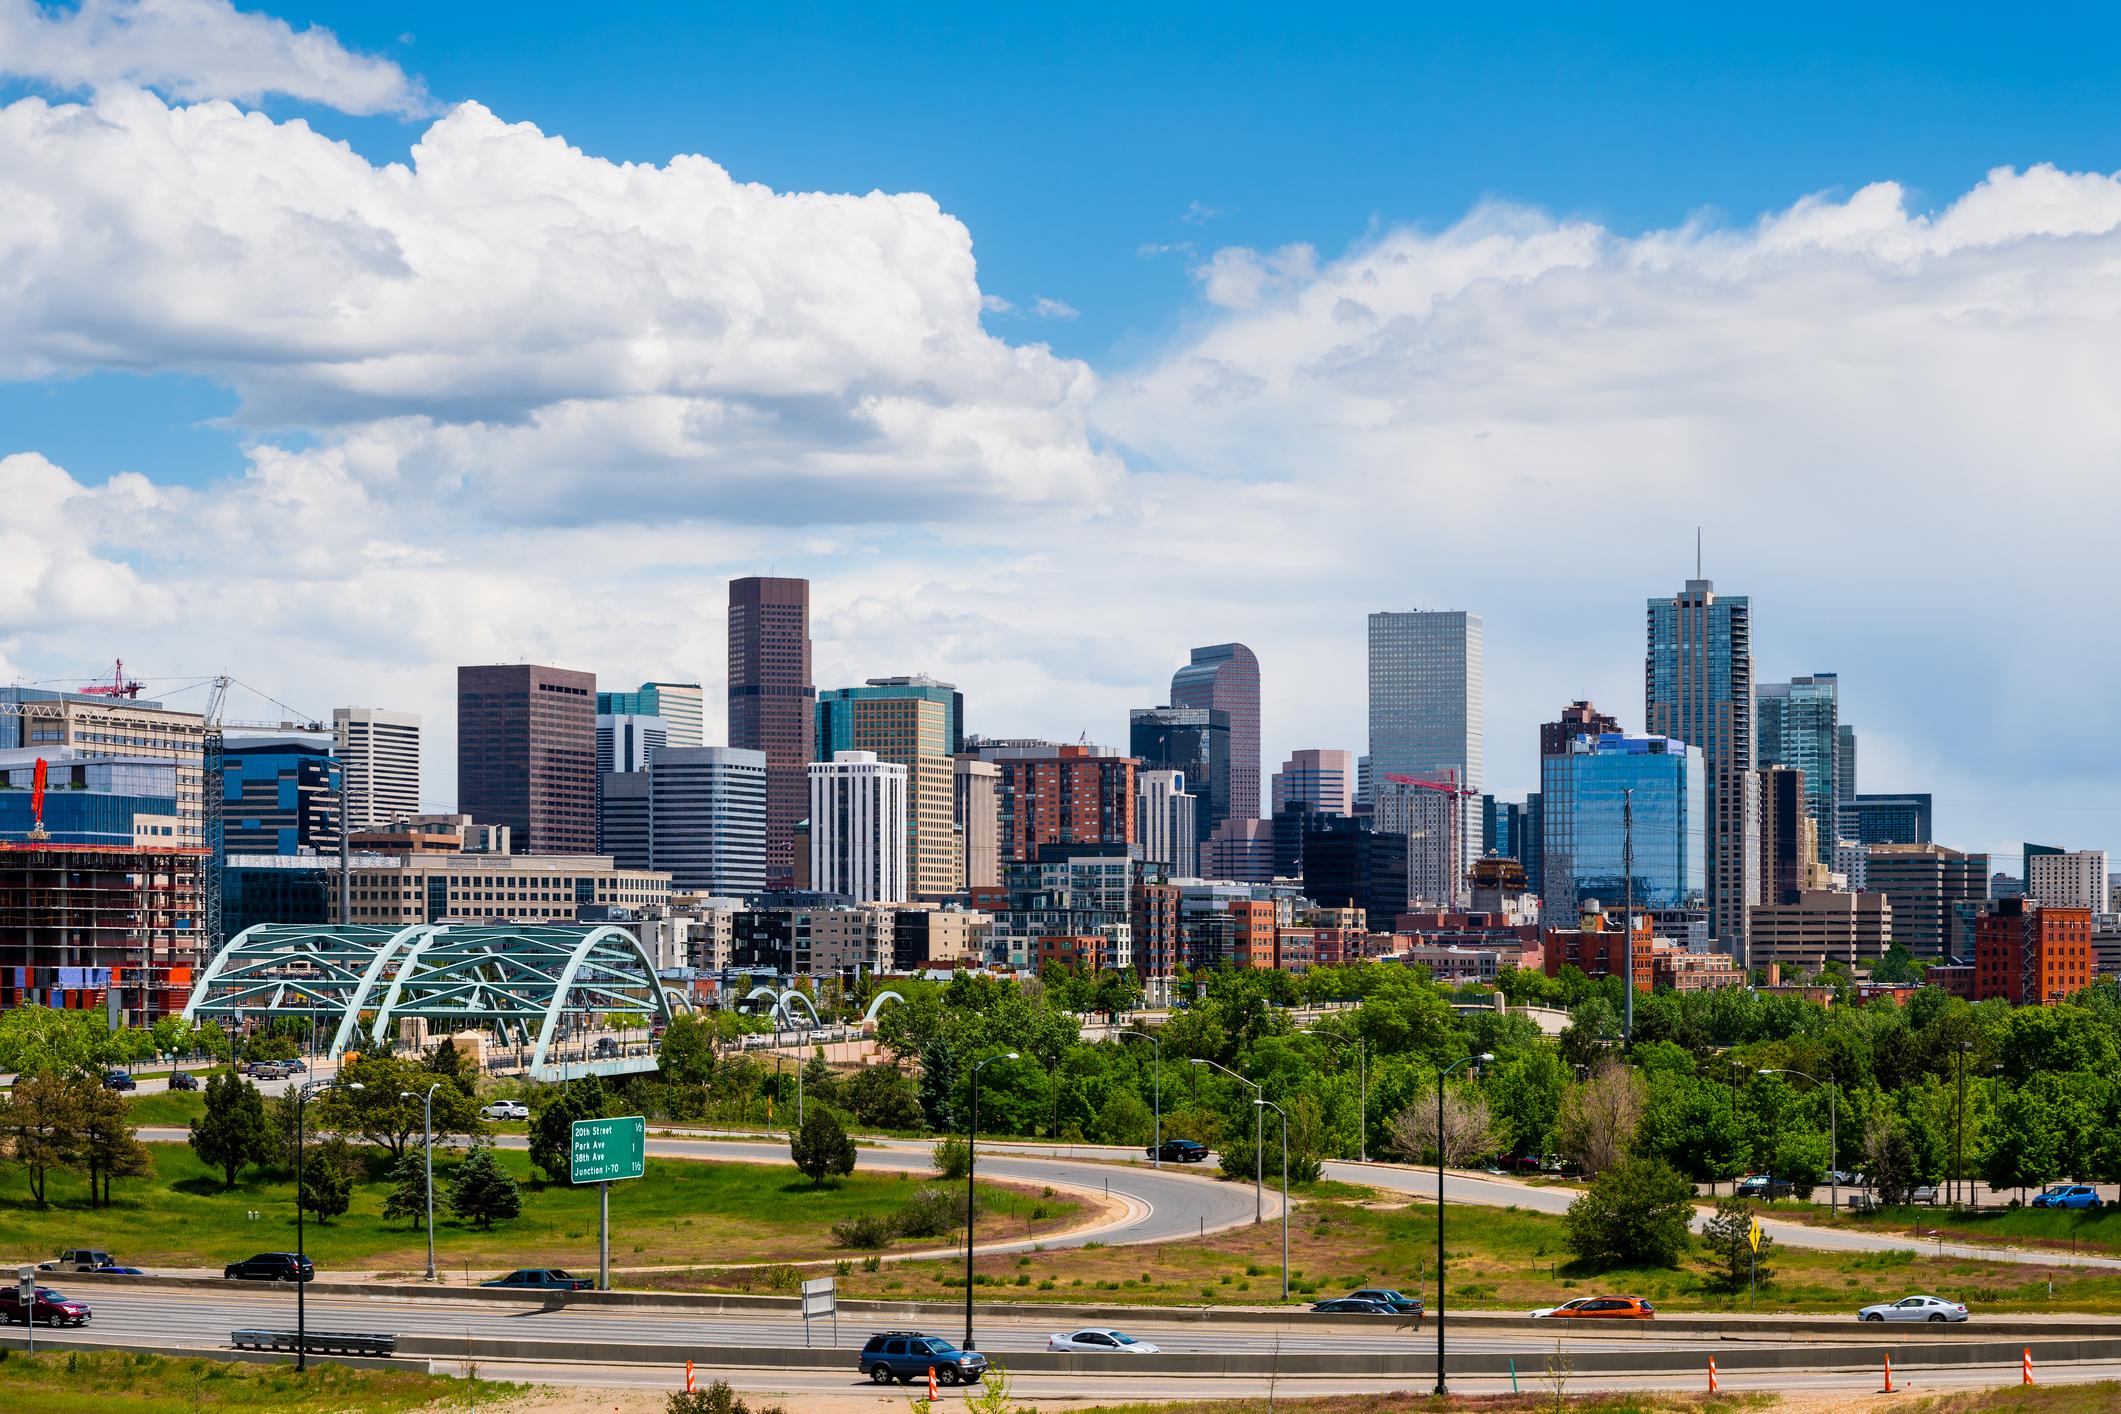 The Denver, Colorado skyline.